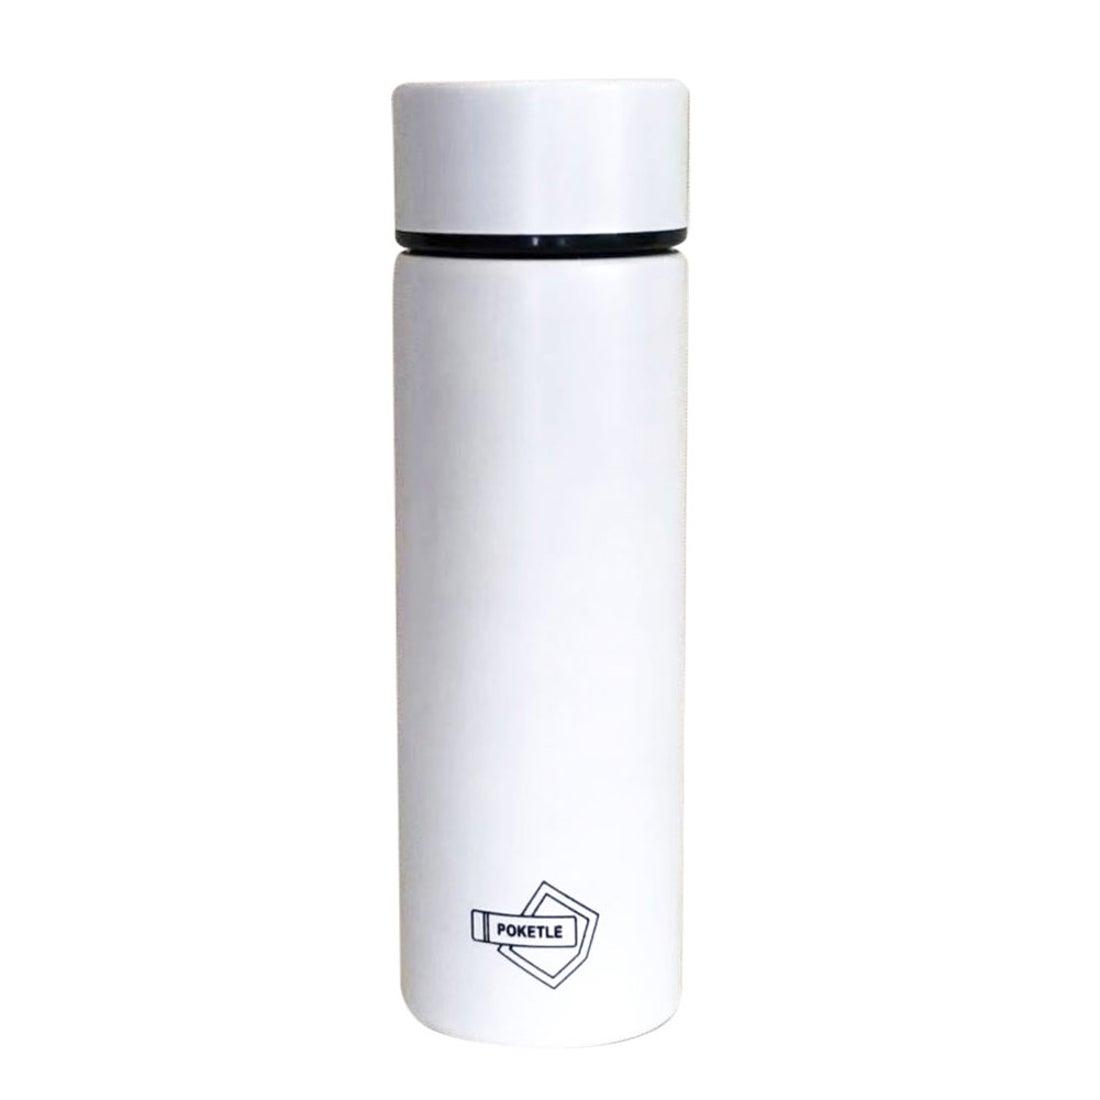 ノーブランド No Brand POKETLE ポケトル ステンレスボトル (ホワイト)